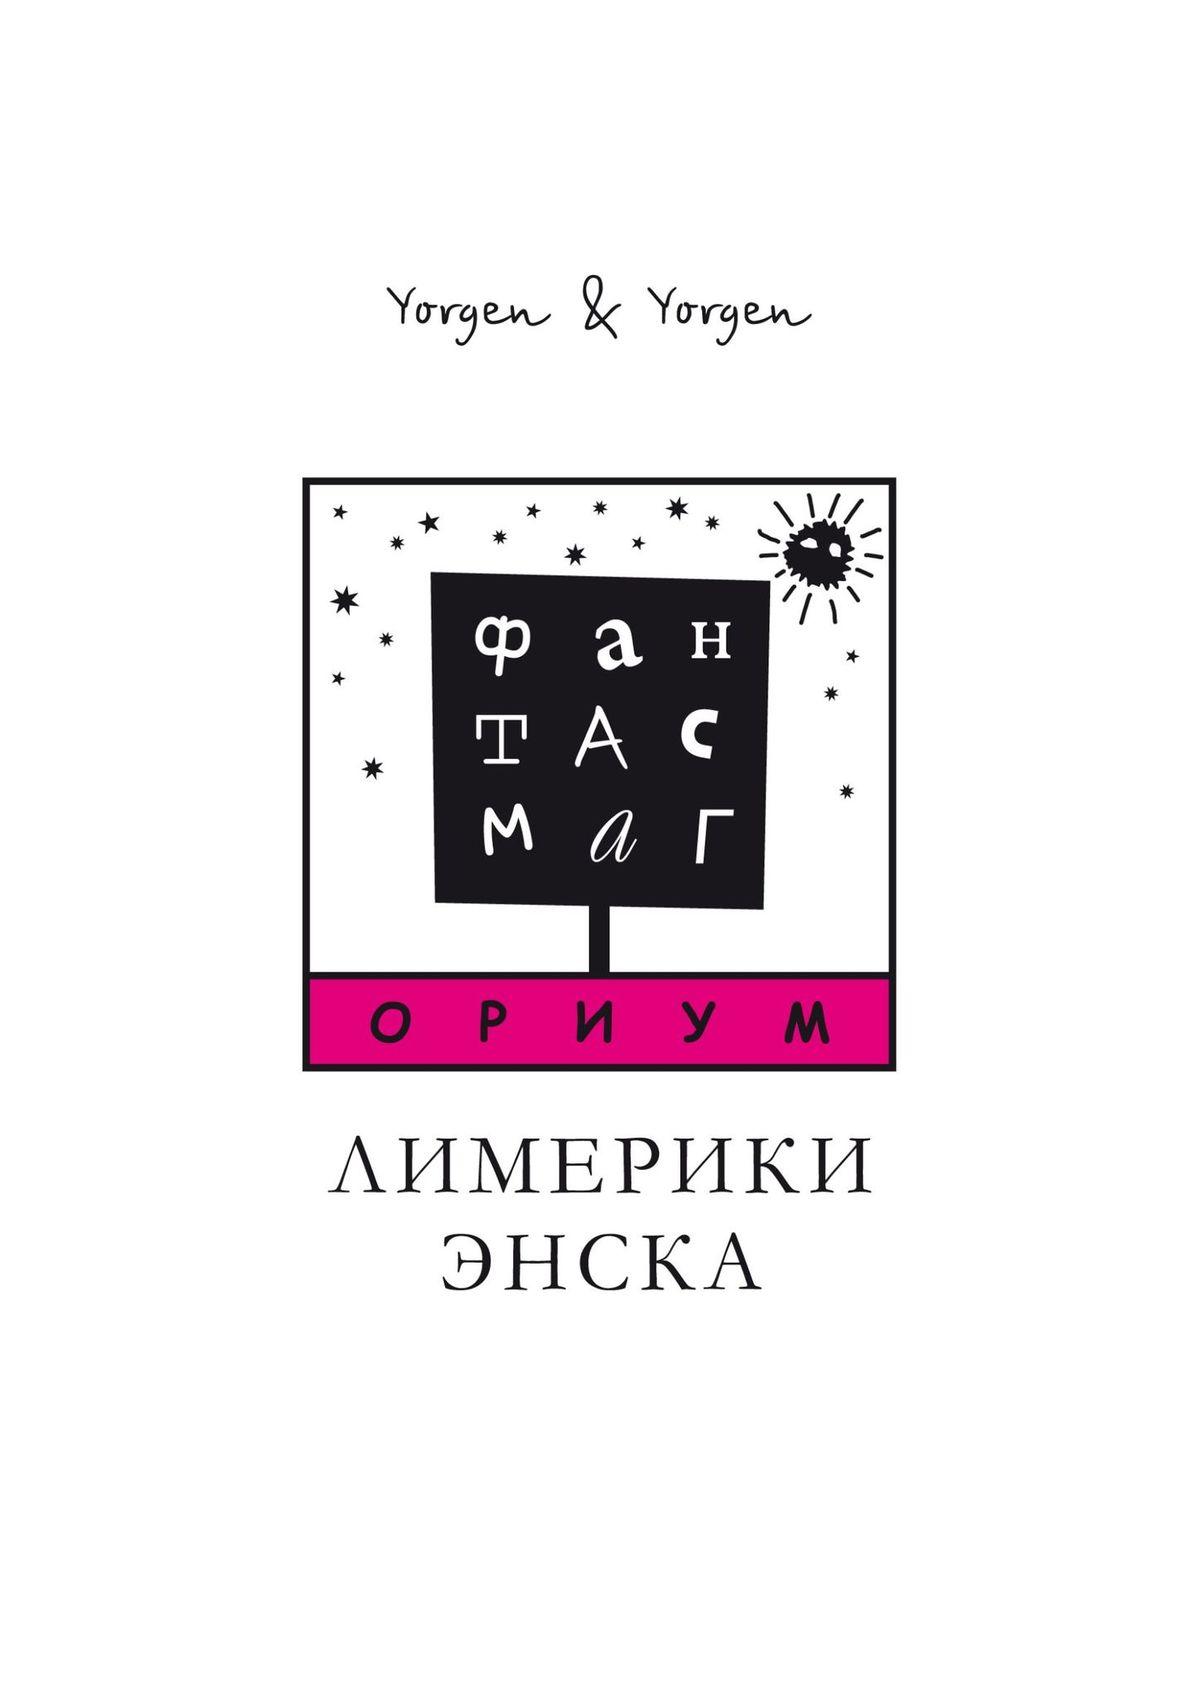 Yorgen & Yorgen ФАНТАСМАГОРИУМ. Лимерики Энска цена и фото